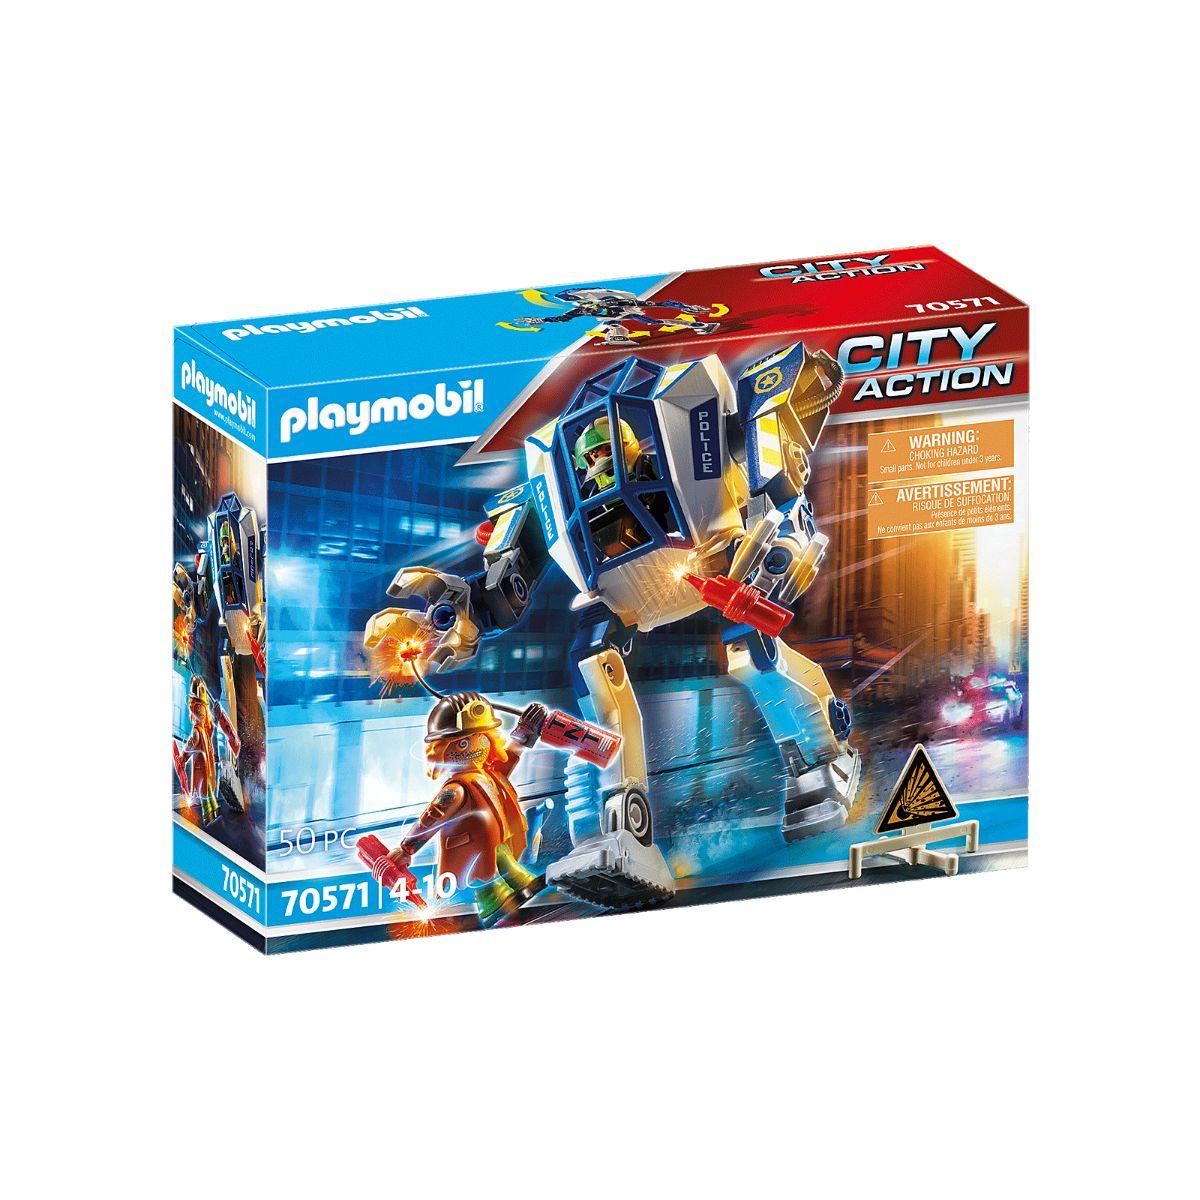 Set Playmobil City Action Police - Robot de politie pentru operatiuni speciale